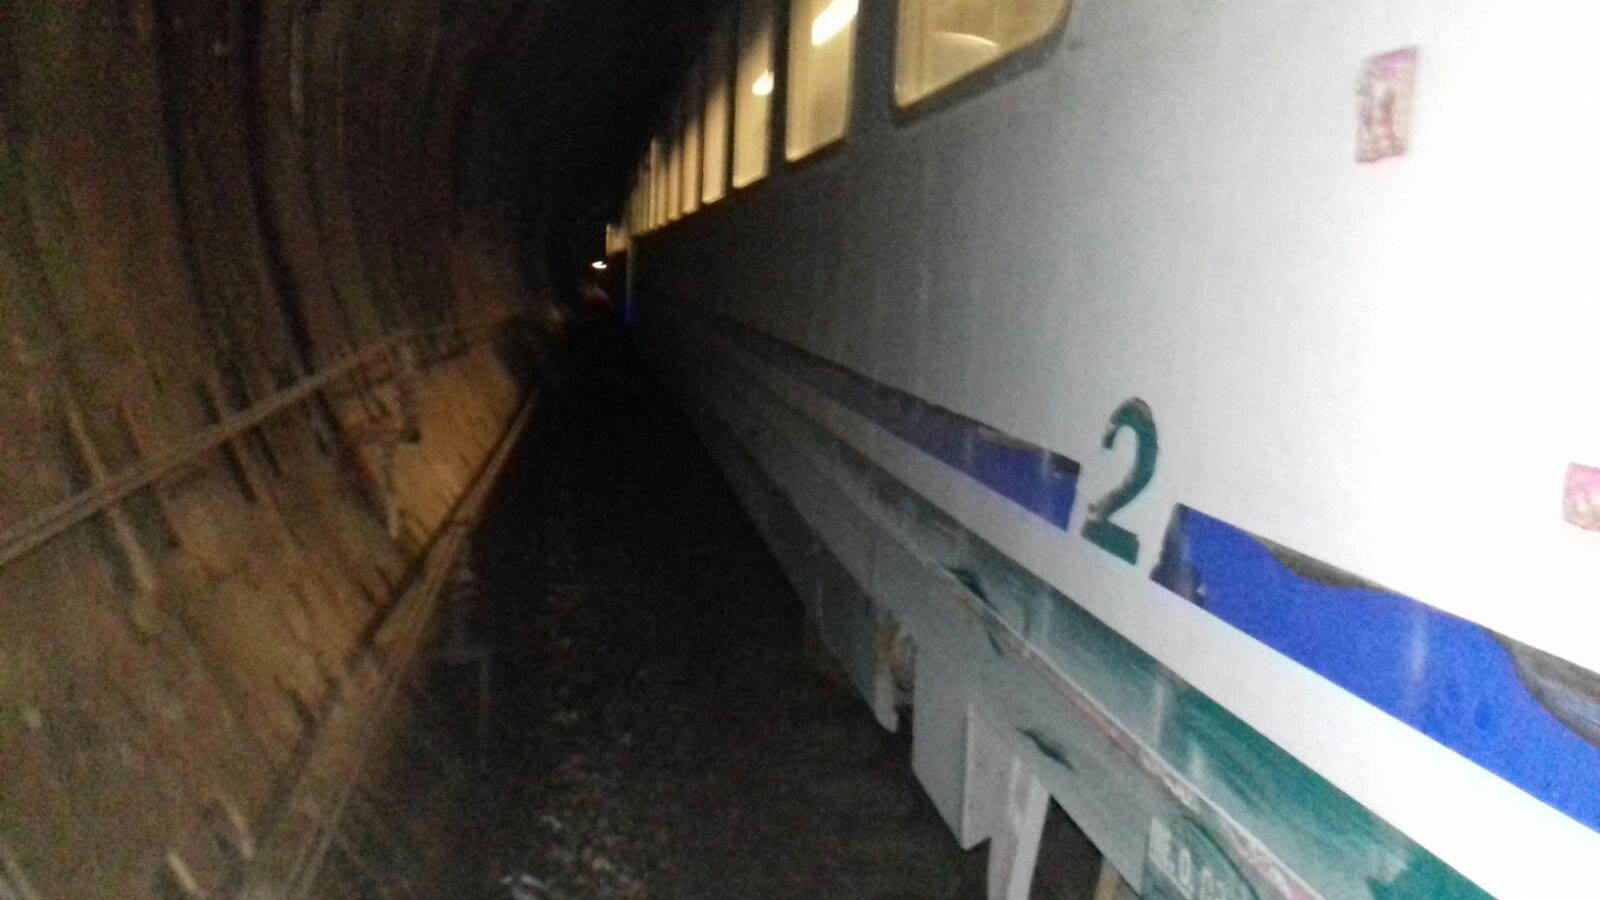 Treno deragliato nel Cosentino, ci sono due indagatiProcura contesta il degrado dei binari e della galleria